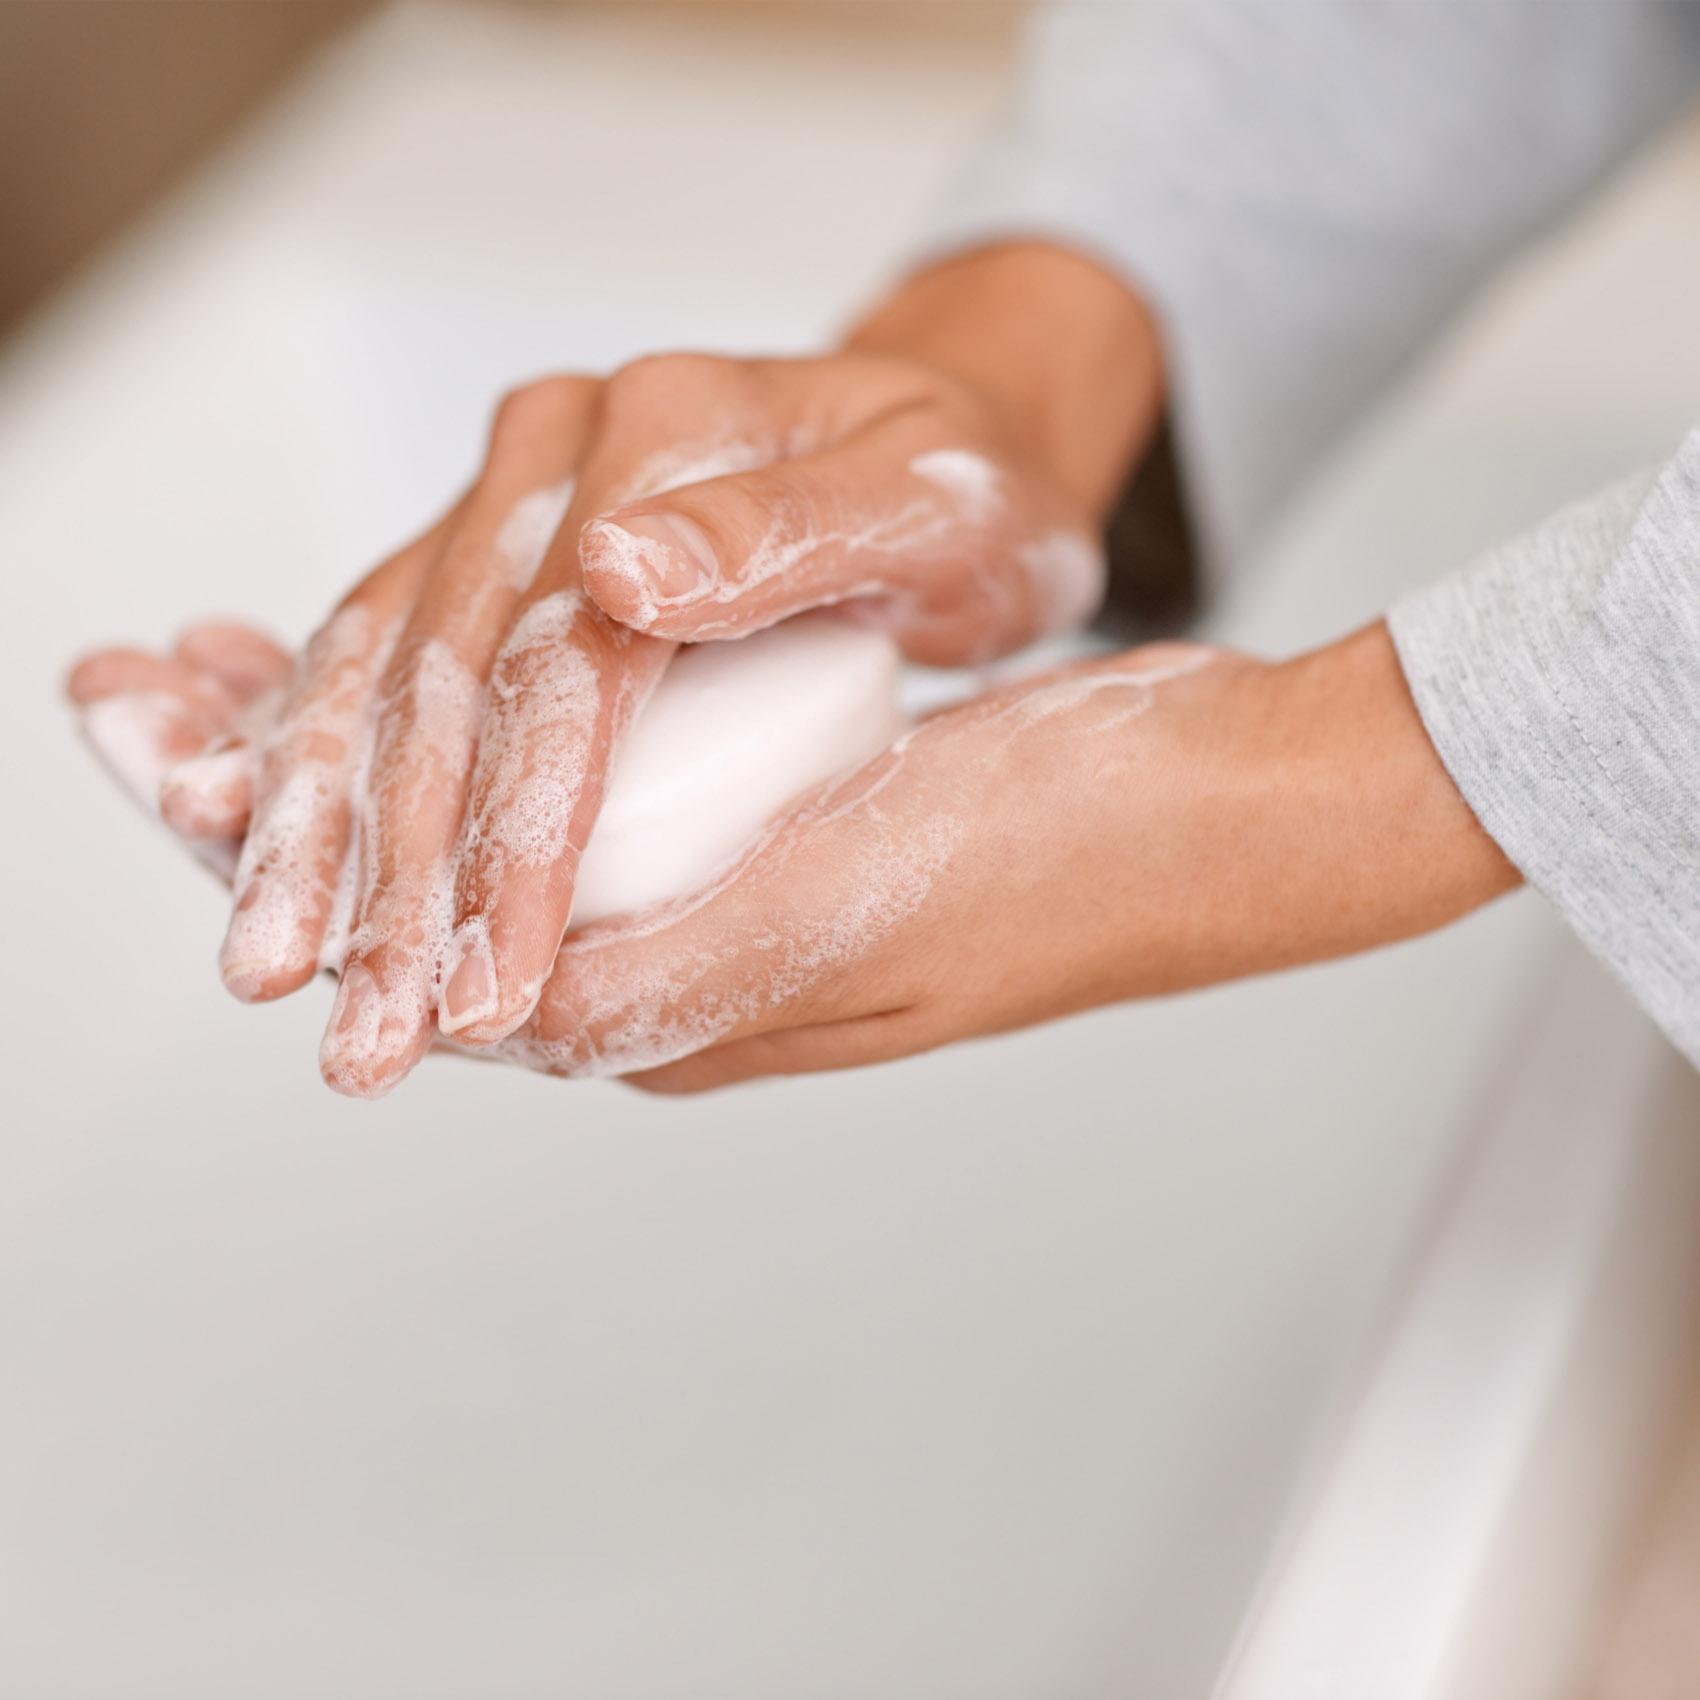 saponetta, lavarsi le mani